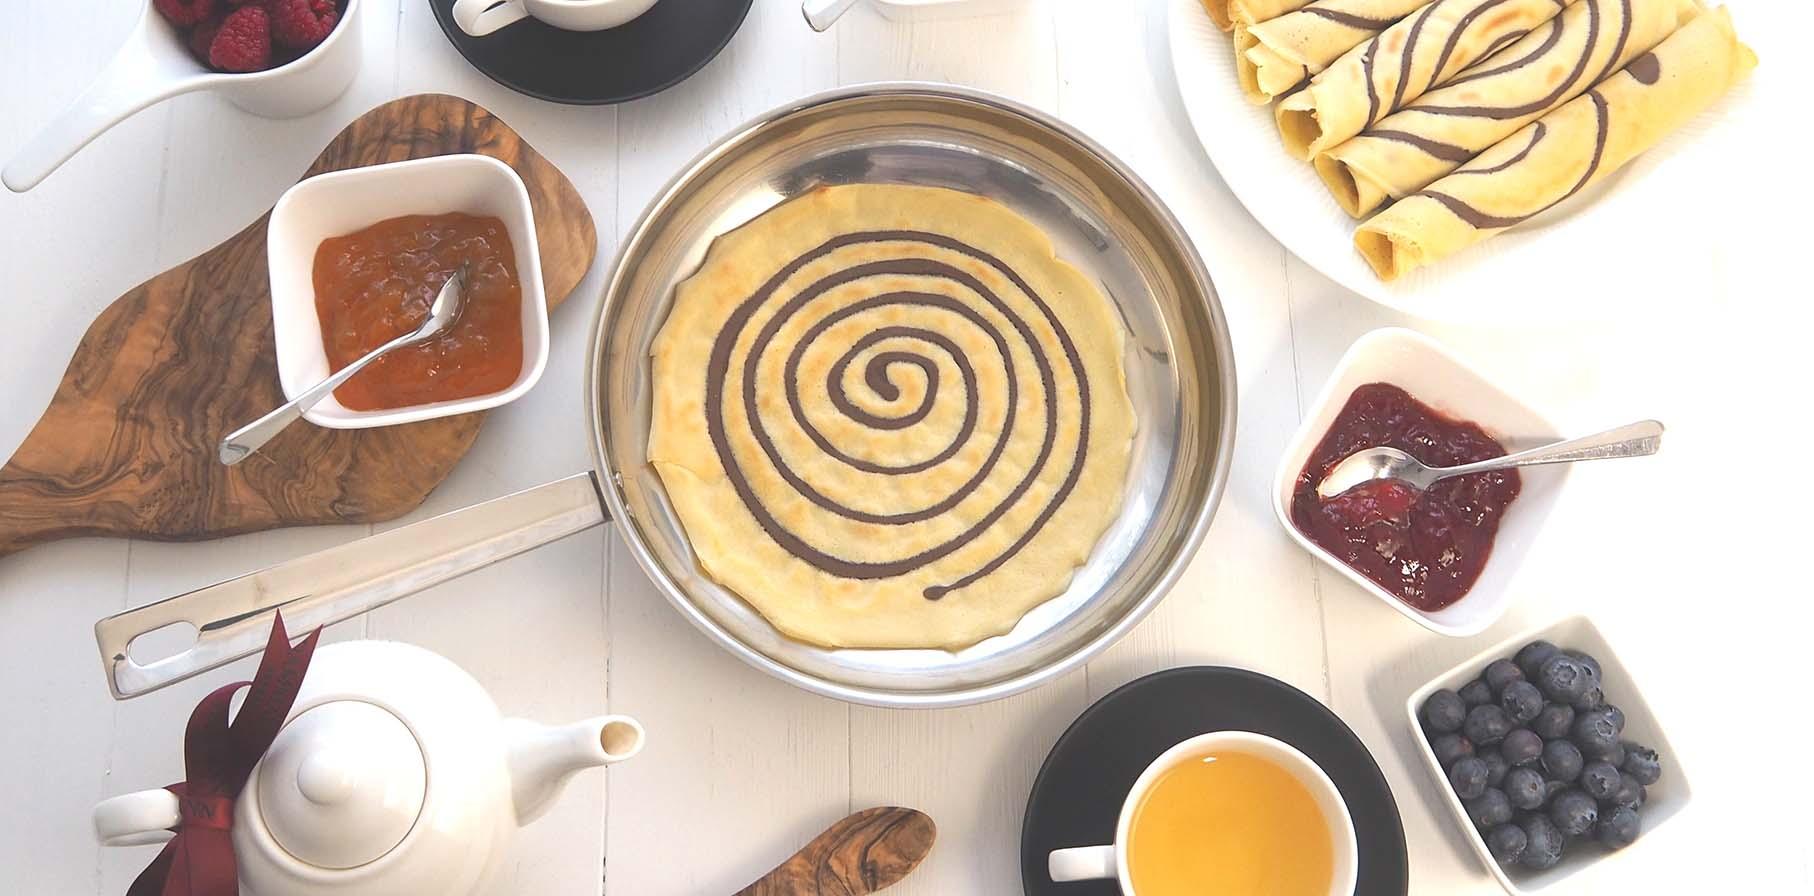 Pour la chandeur des crêpes originales : une décoration chocolat en spirale